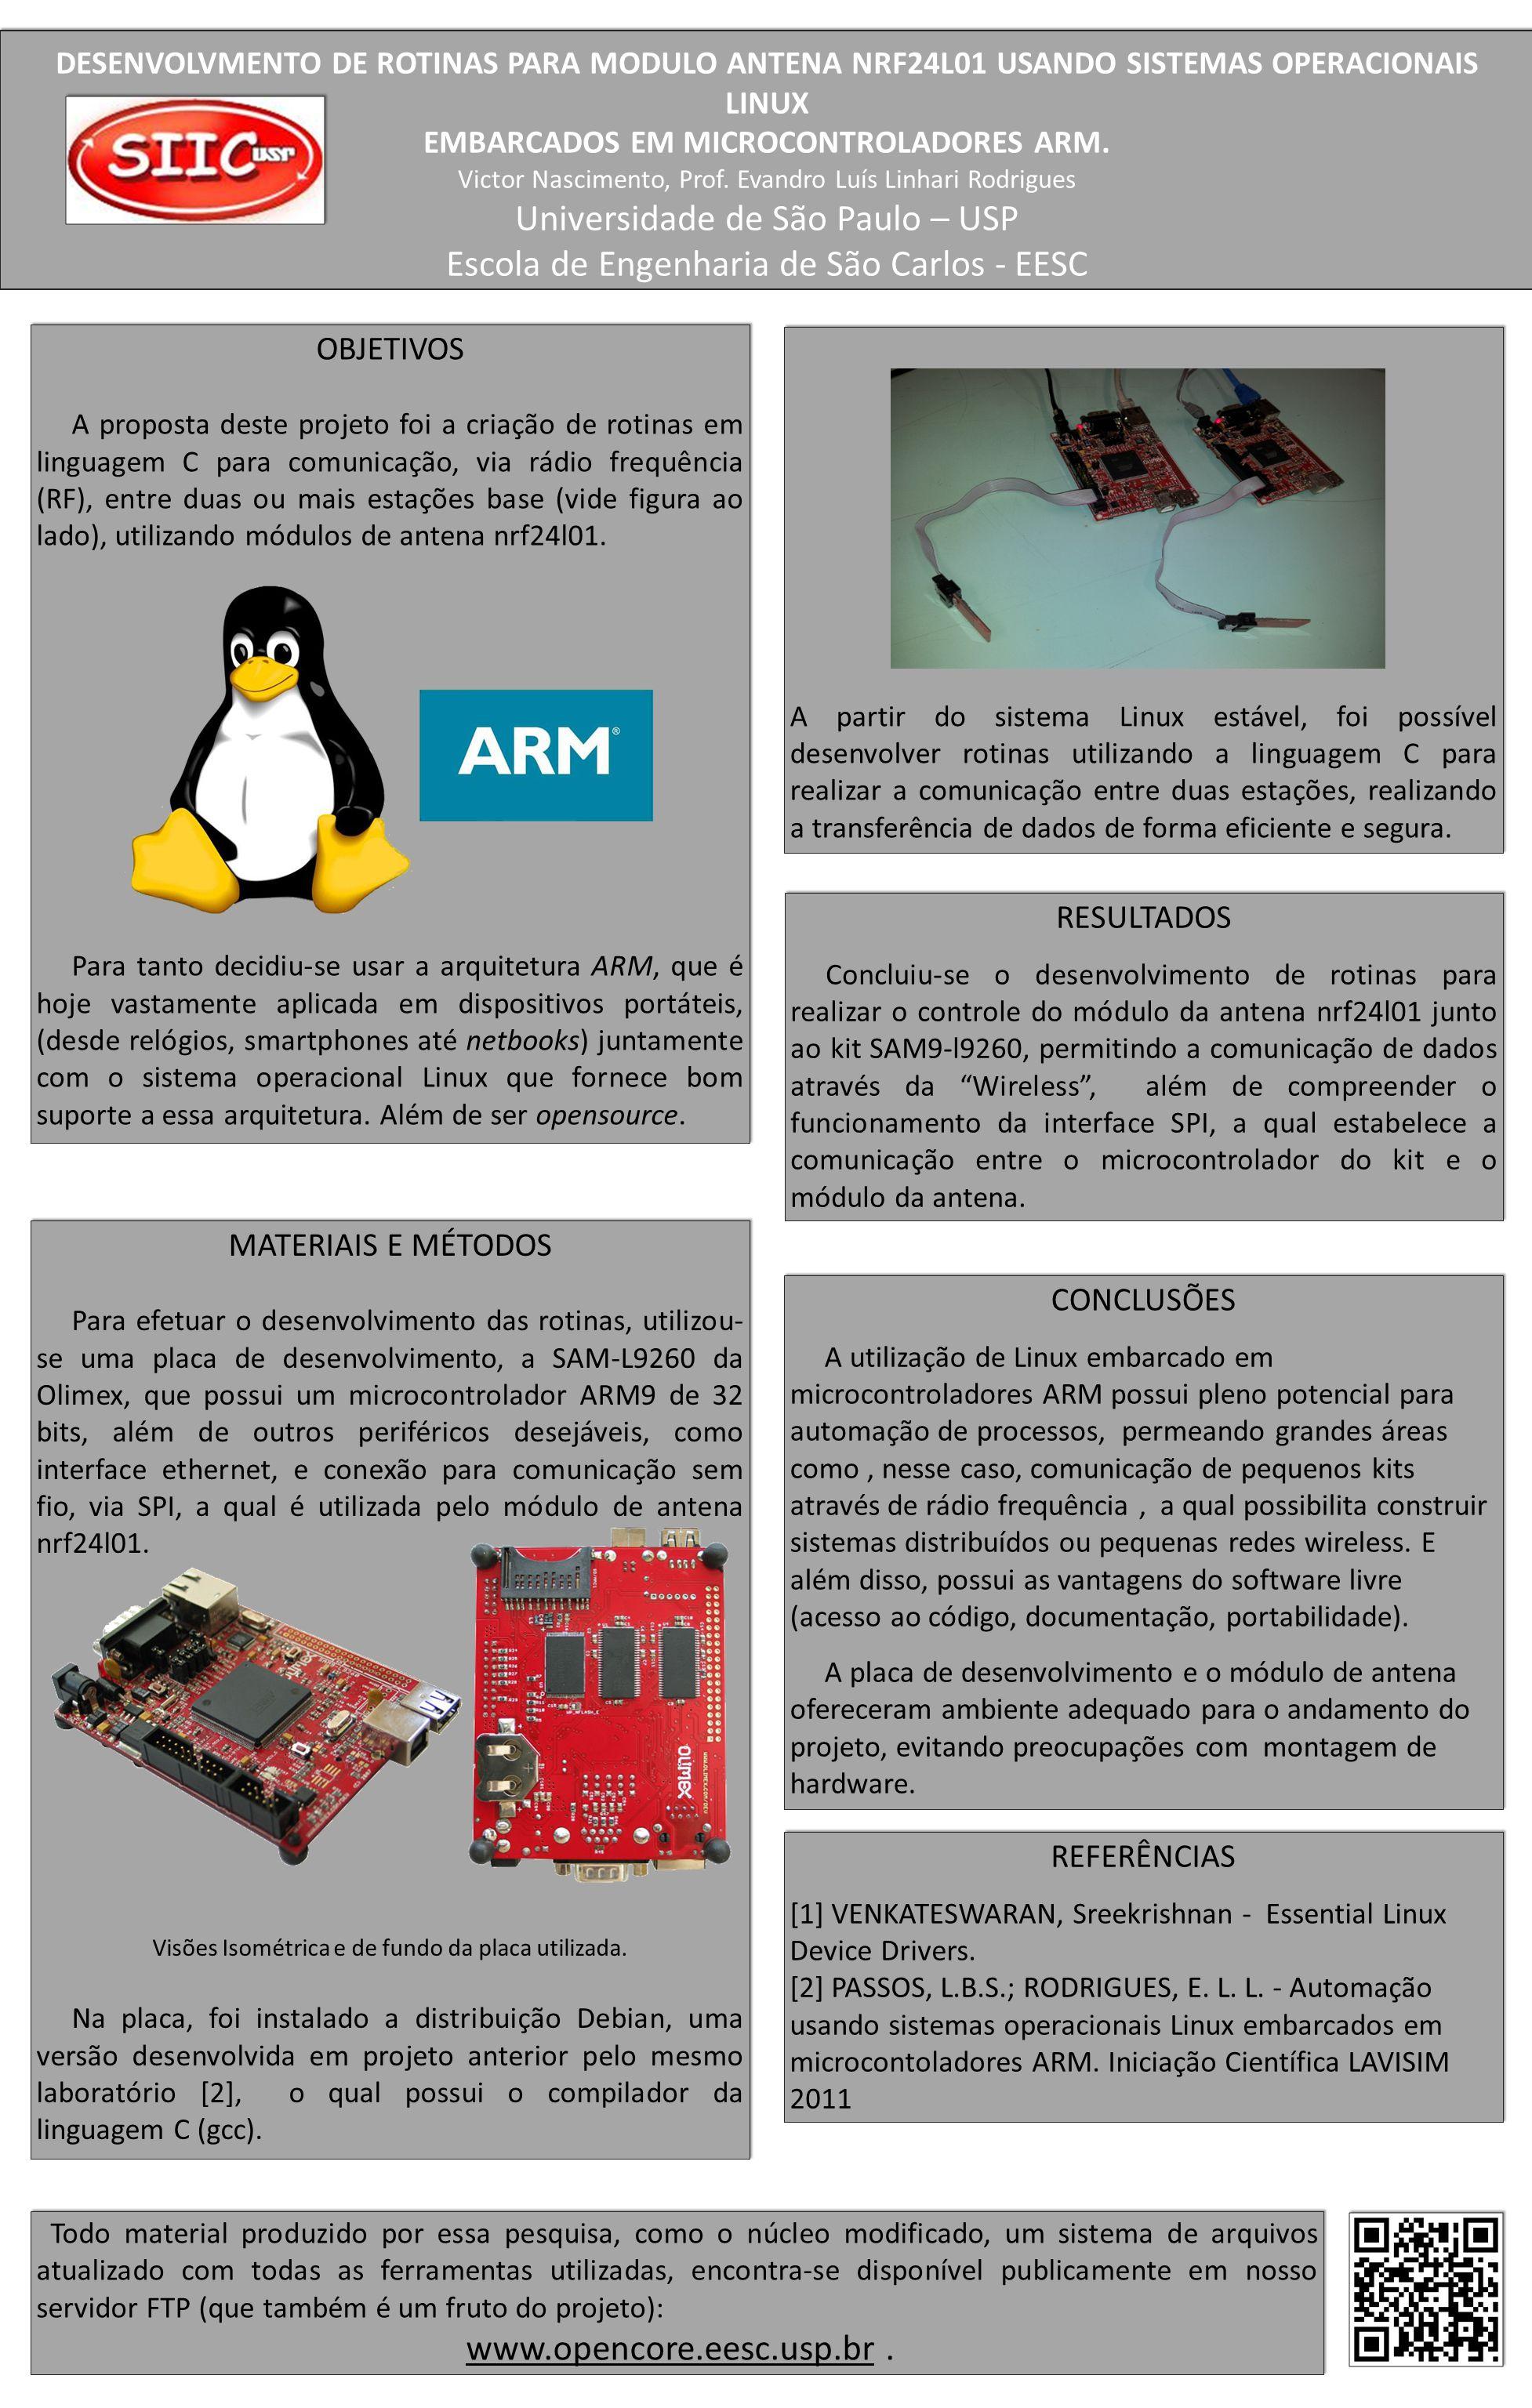 DESENVOLVMENTO DE ROTINAS PARA MODULO ANTENA NRF24L01 USANDO SISTEMAS OPERACIONAIS LINUX EMBARCADOS EM MICROCONTROLADORES ARM.